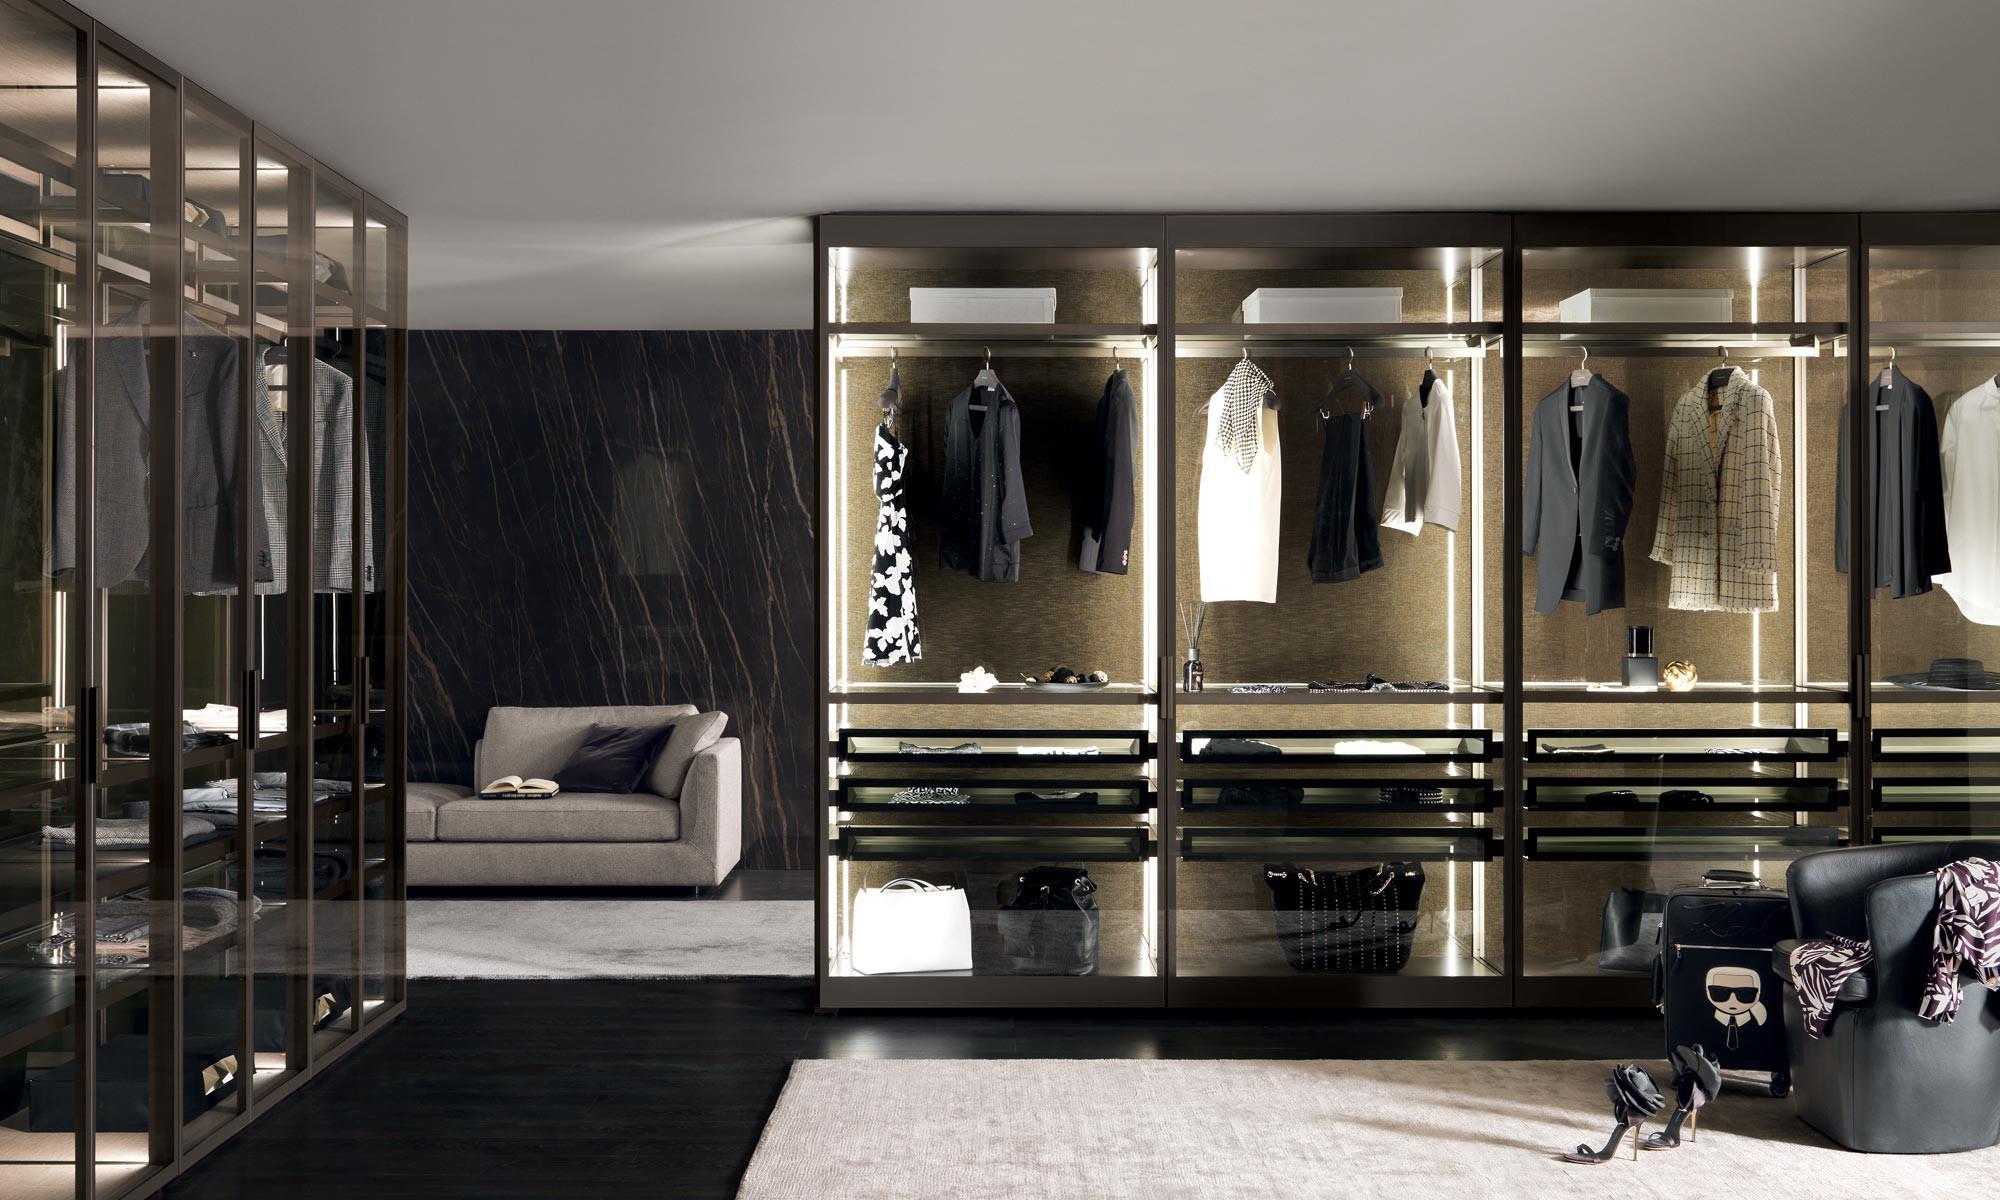 MisuraEmme | Arredamento di design Made in Italy